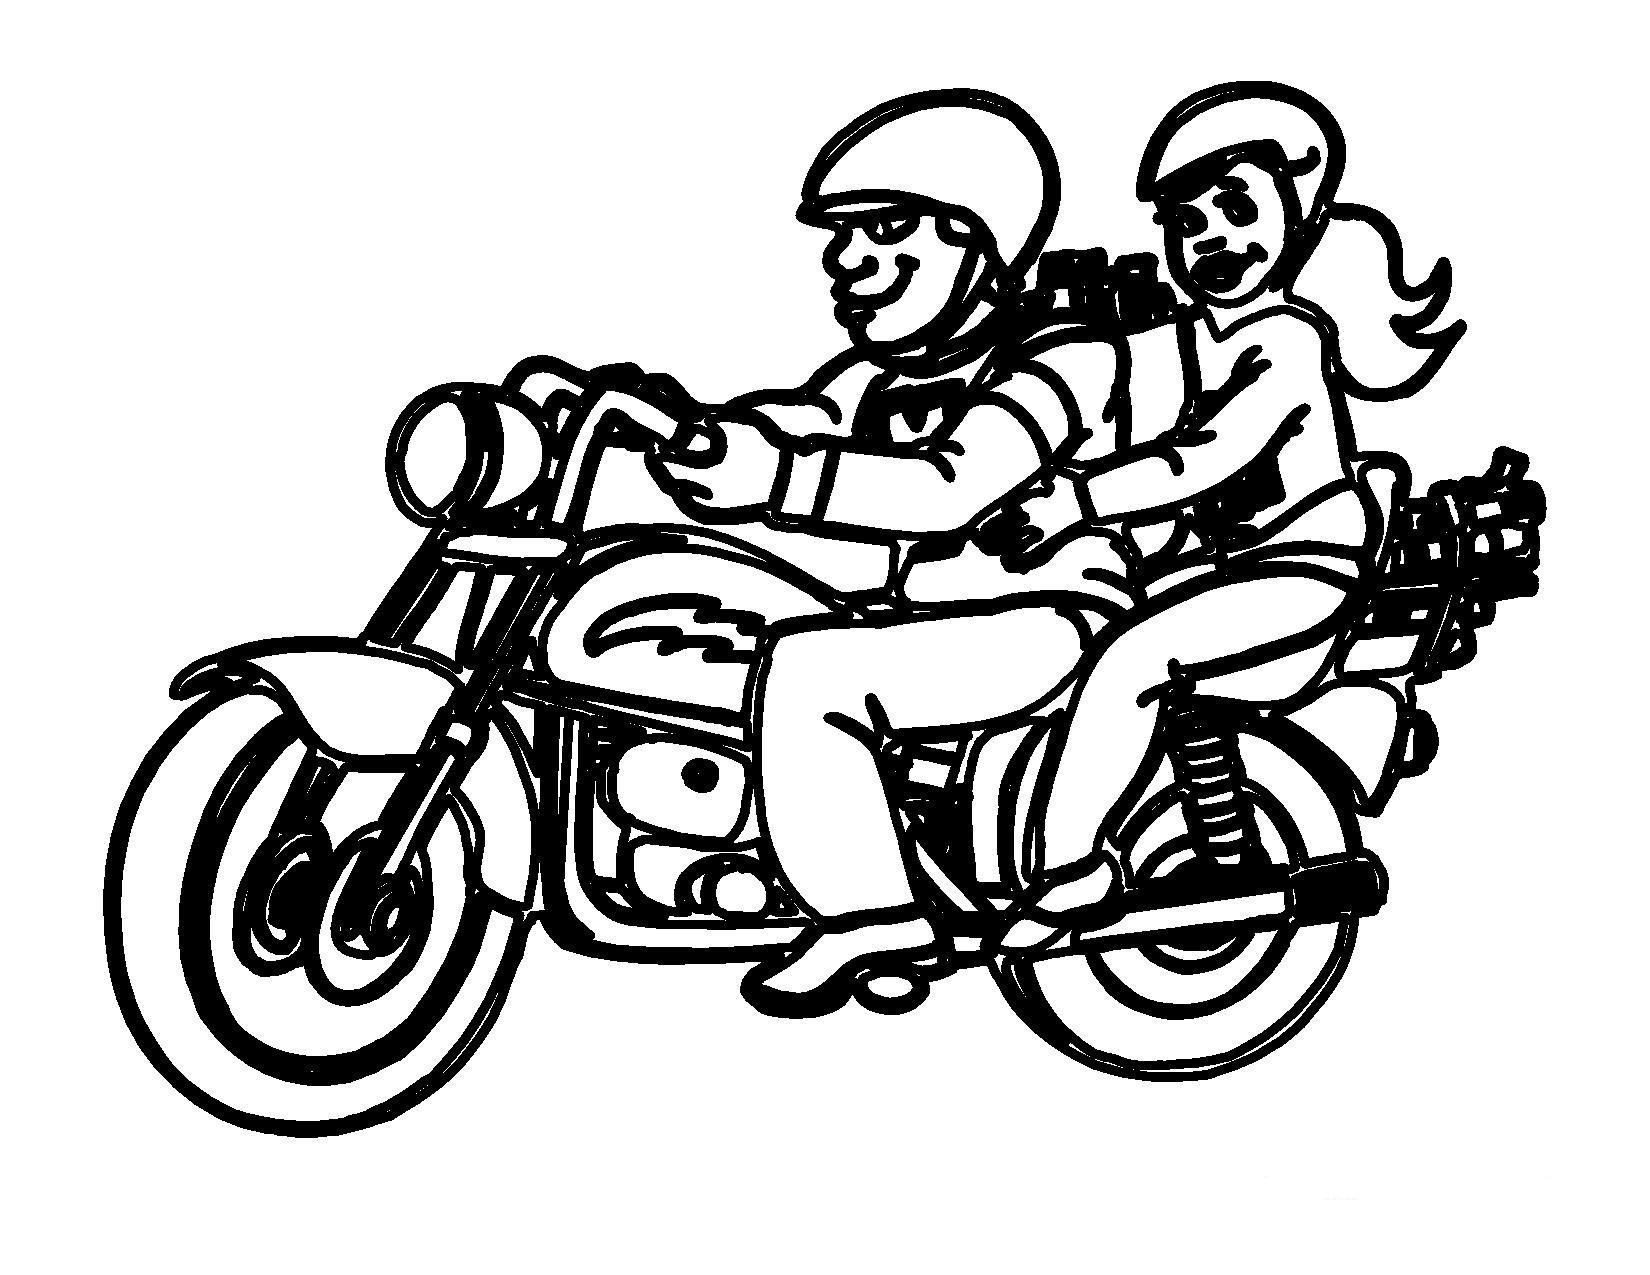 Moto coloring #15, Download drawings